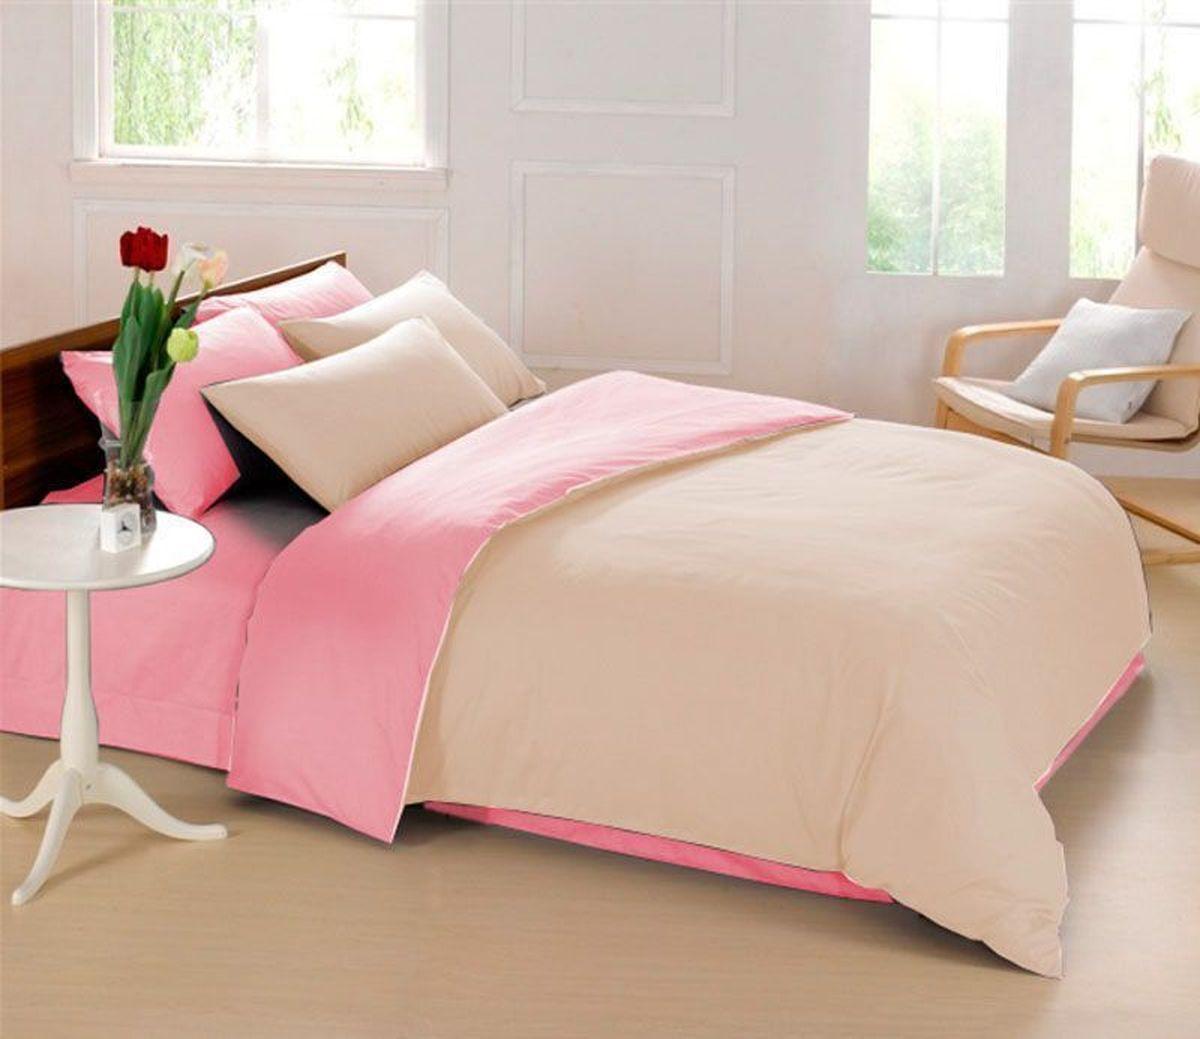 Постельное белье Sleep iX Perfection, семейный, цвет: розовый, бежевыйpva215423Известно, что цвет напрямую воздействует на психологическое и физическое состояние человека. Специально для наших покупателей мы внесли описание воздействия каждого цвета в комплекты постельного белья Perfection. Бежевый – обладает внутренней теплотой, заряжает положительной энергетикой и способствует формированию душевной гармонии. Человек ощущает себя в окружении бежевого цвета очень спокойно. Розовый – нежный и сентиментальный цвет. Обеспечивает здоровый сон, способствует мышечному расслаблению, успокаивает нервную систему. Производитель: Sleep iX Материал: Микрофреш (100 г/м2) Состав материала: 100% микрофибра Размер: Семейное (2 пододеял.) Размер пододеяльника: 150х220 см Тип застежки на пододеяльнике: Молния (100 см) Размер простыни: 220х240 (обычная) Размер наволочек: 50х70 и 70х70 (по 2 шт) Тип застежки на наволочках: Клапан (20 см) Упаковка комплекта: Подарочная Коробка Cтрана производства: Китай Расположение цветов на...